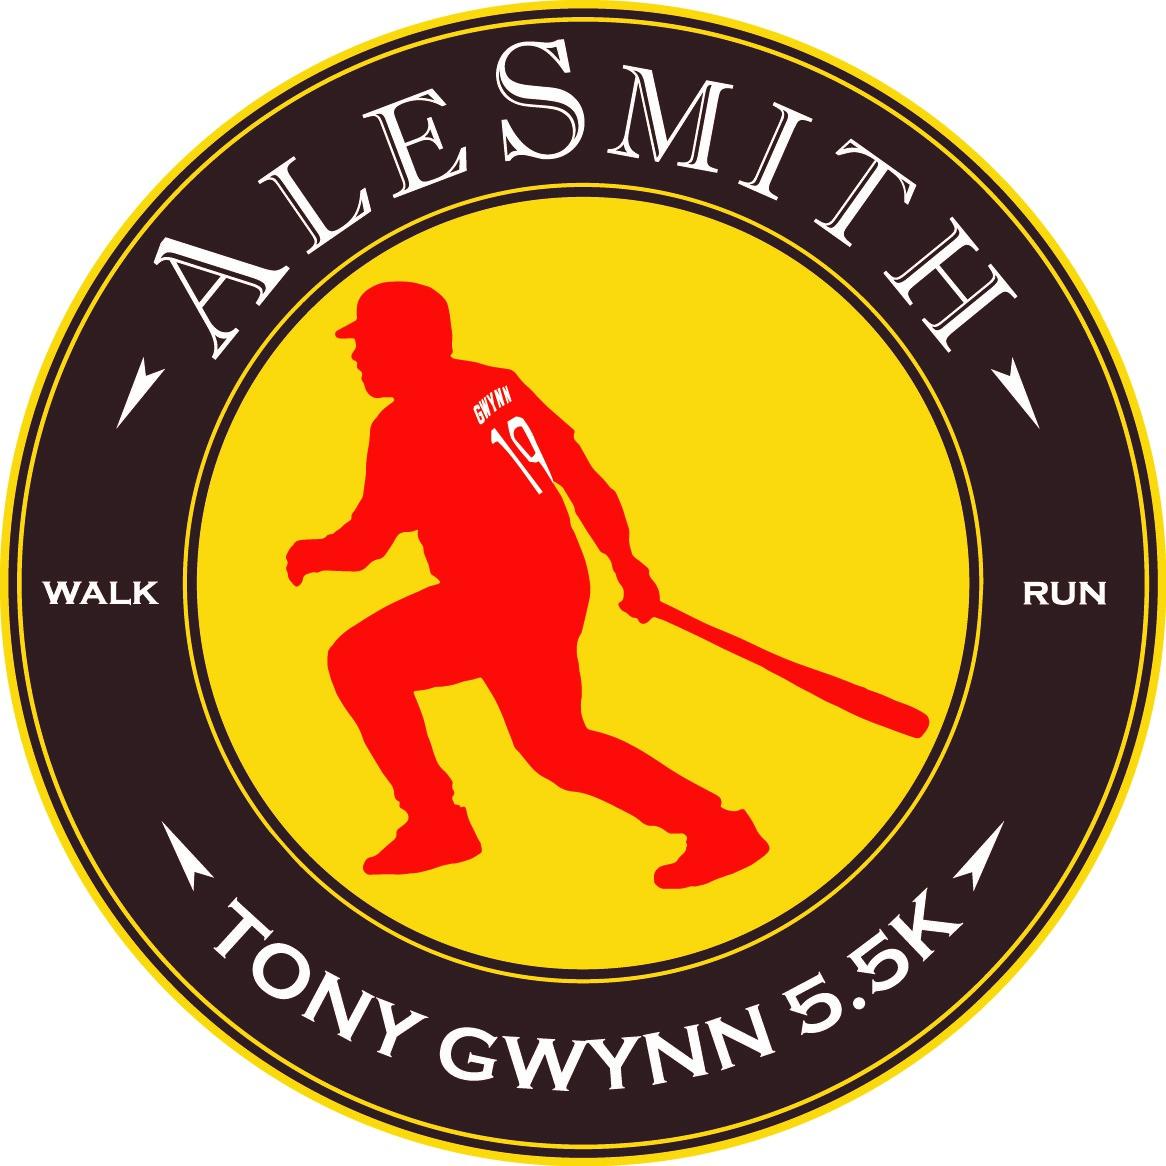 Image result for Tony Gwynn 5.5K Run & Walk